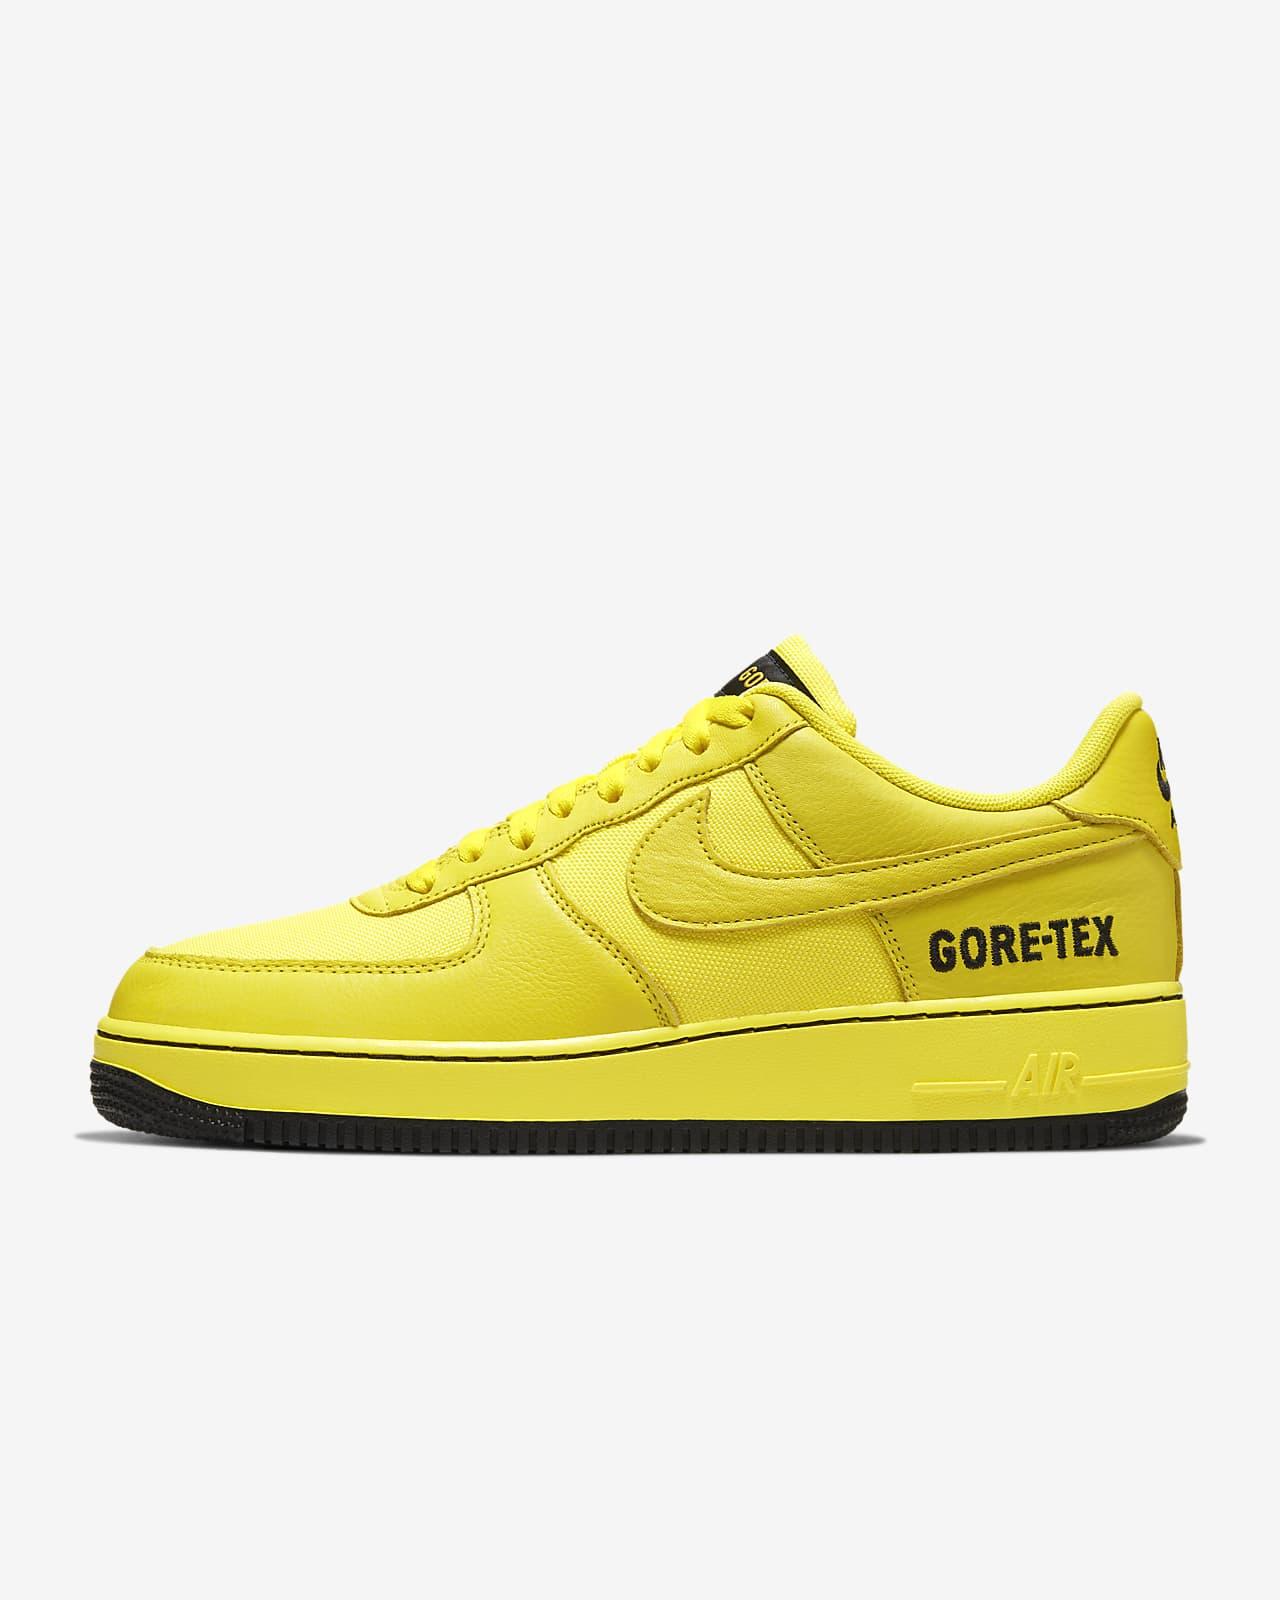 Nike Air Force 1 GORE-TEX Schuh